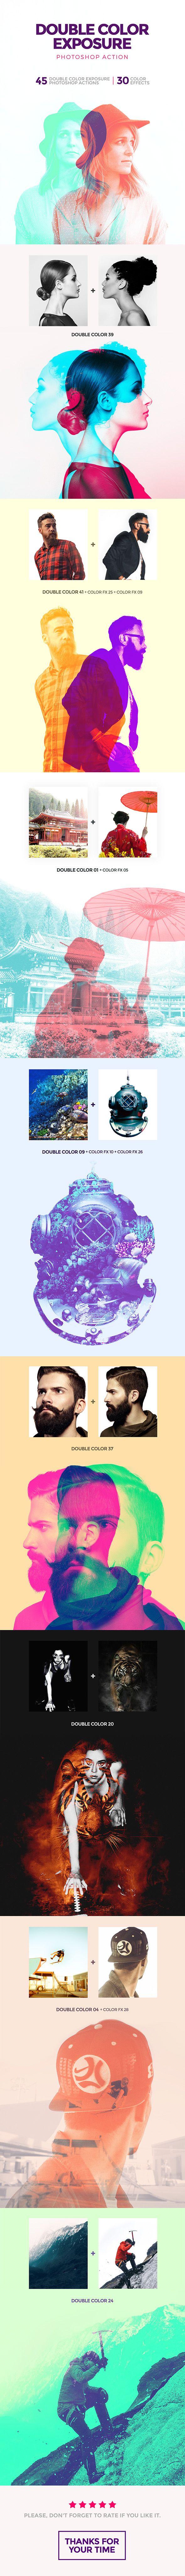 Double Color Exposure Photoshop Action